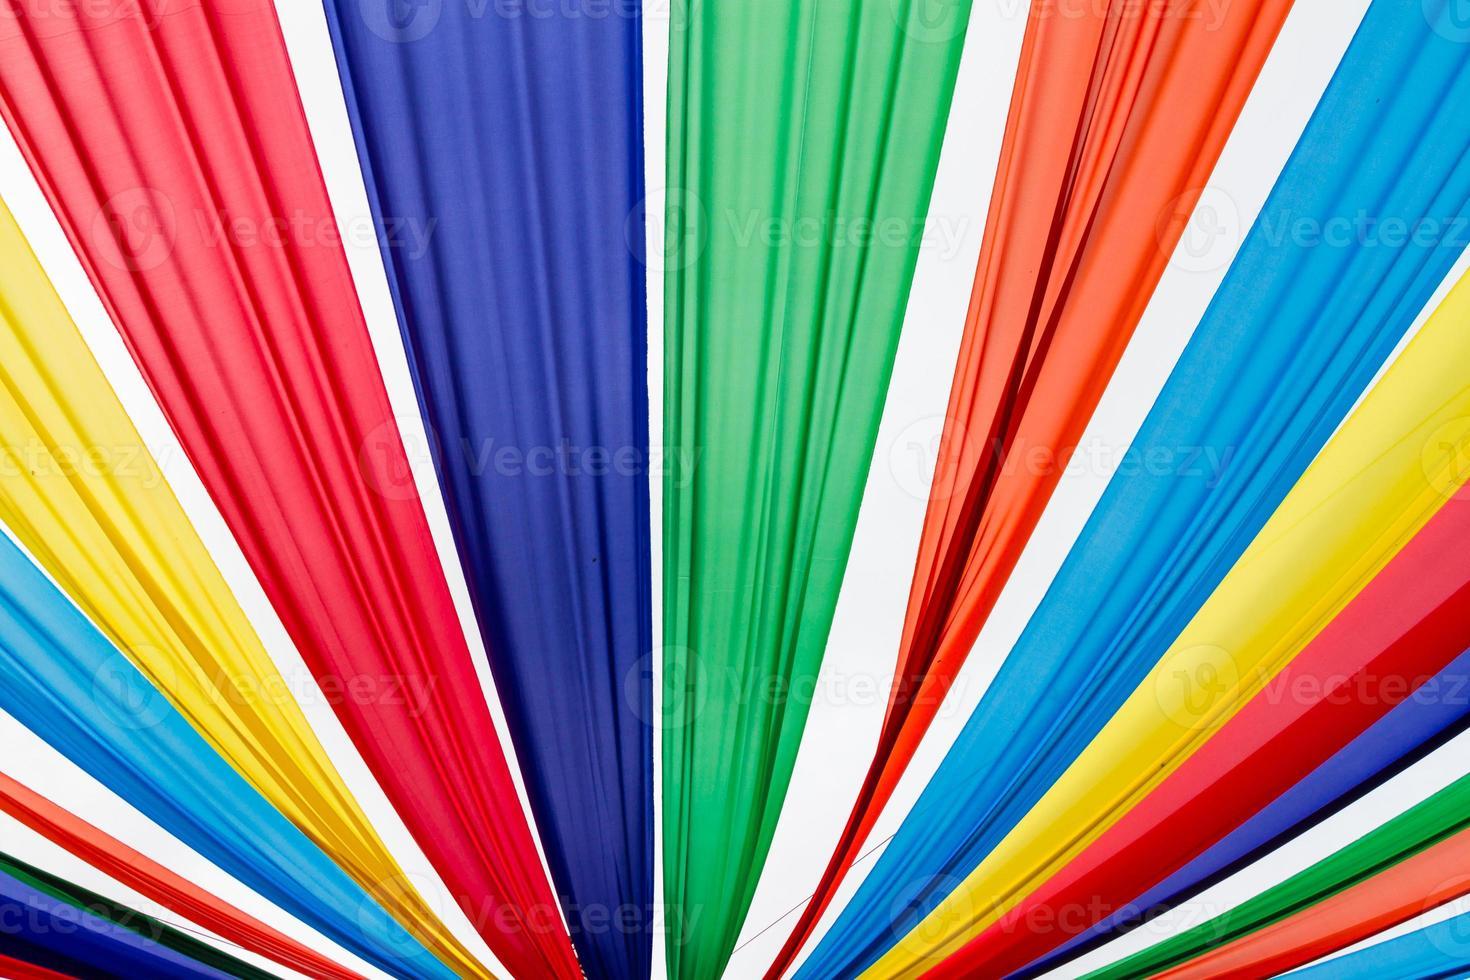 tecido colorido foto